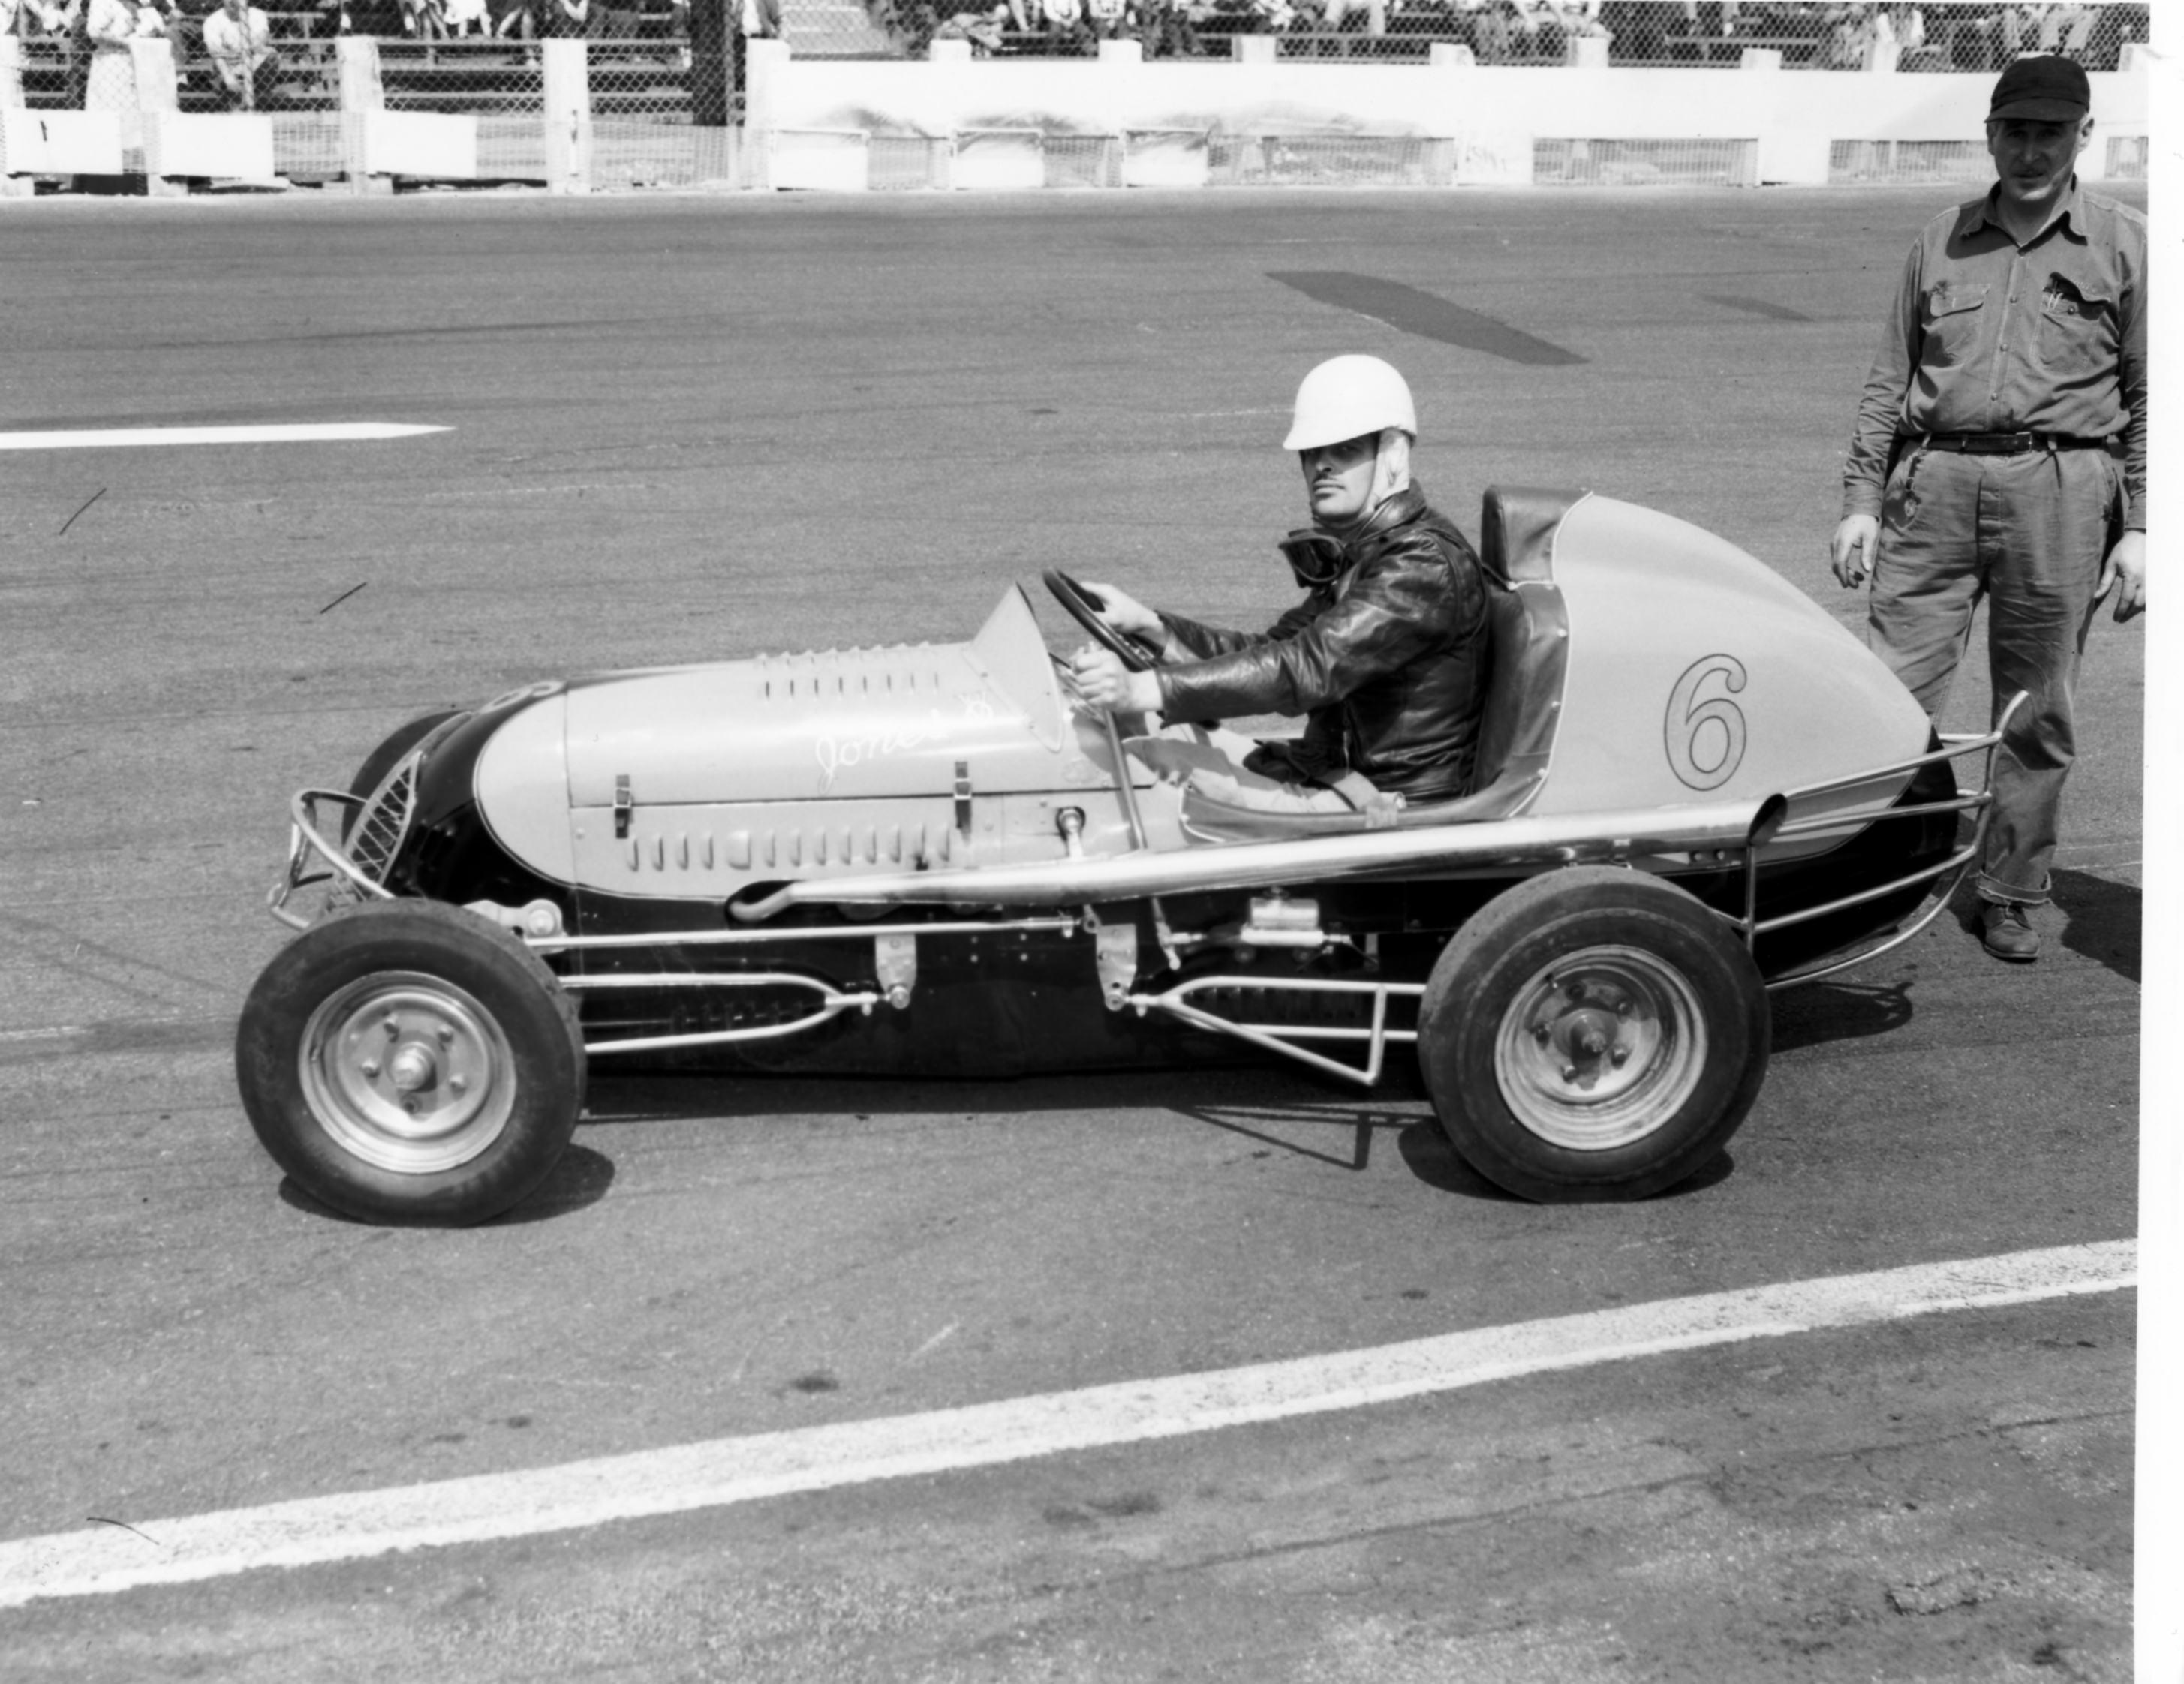 Evans midget racer #5